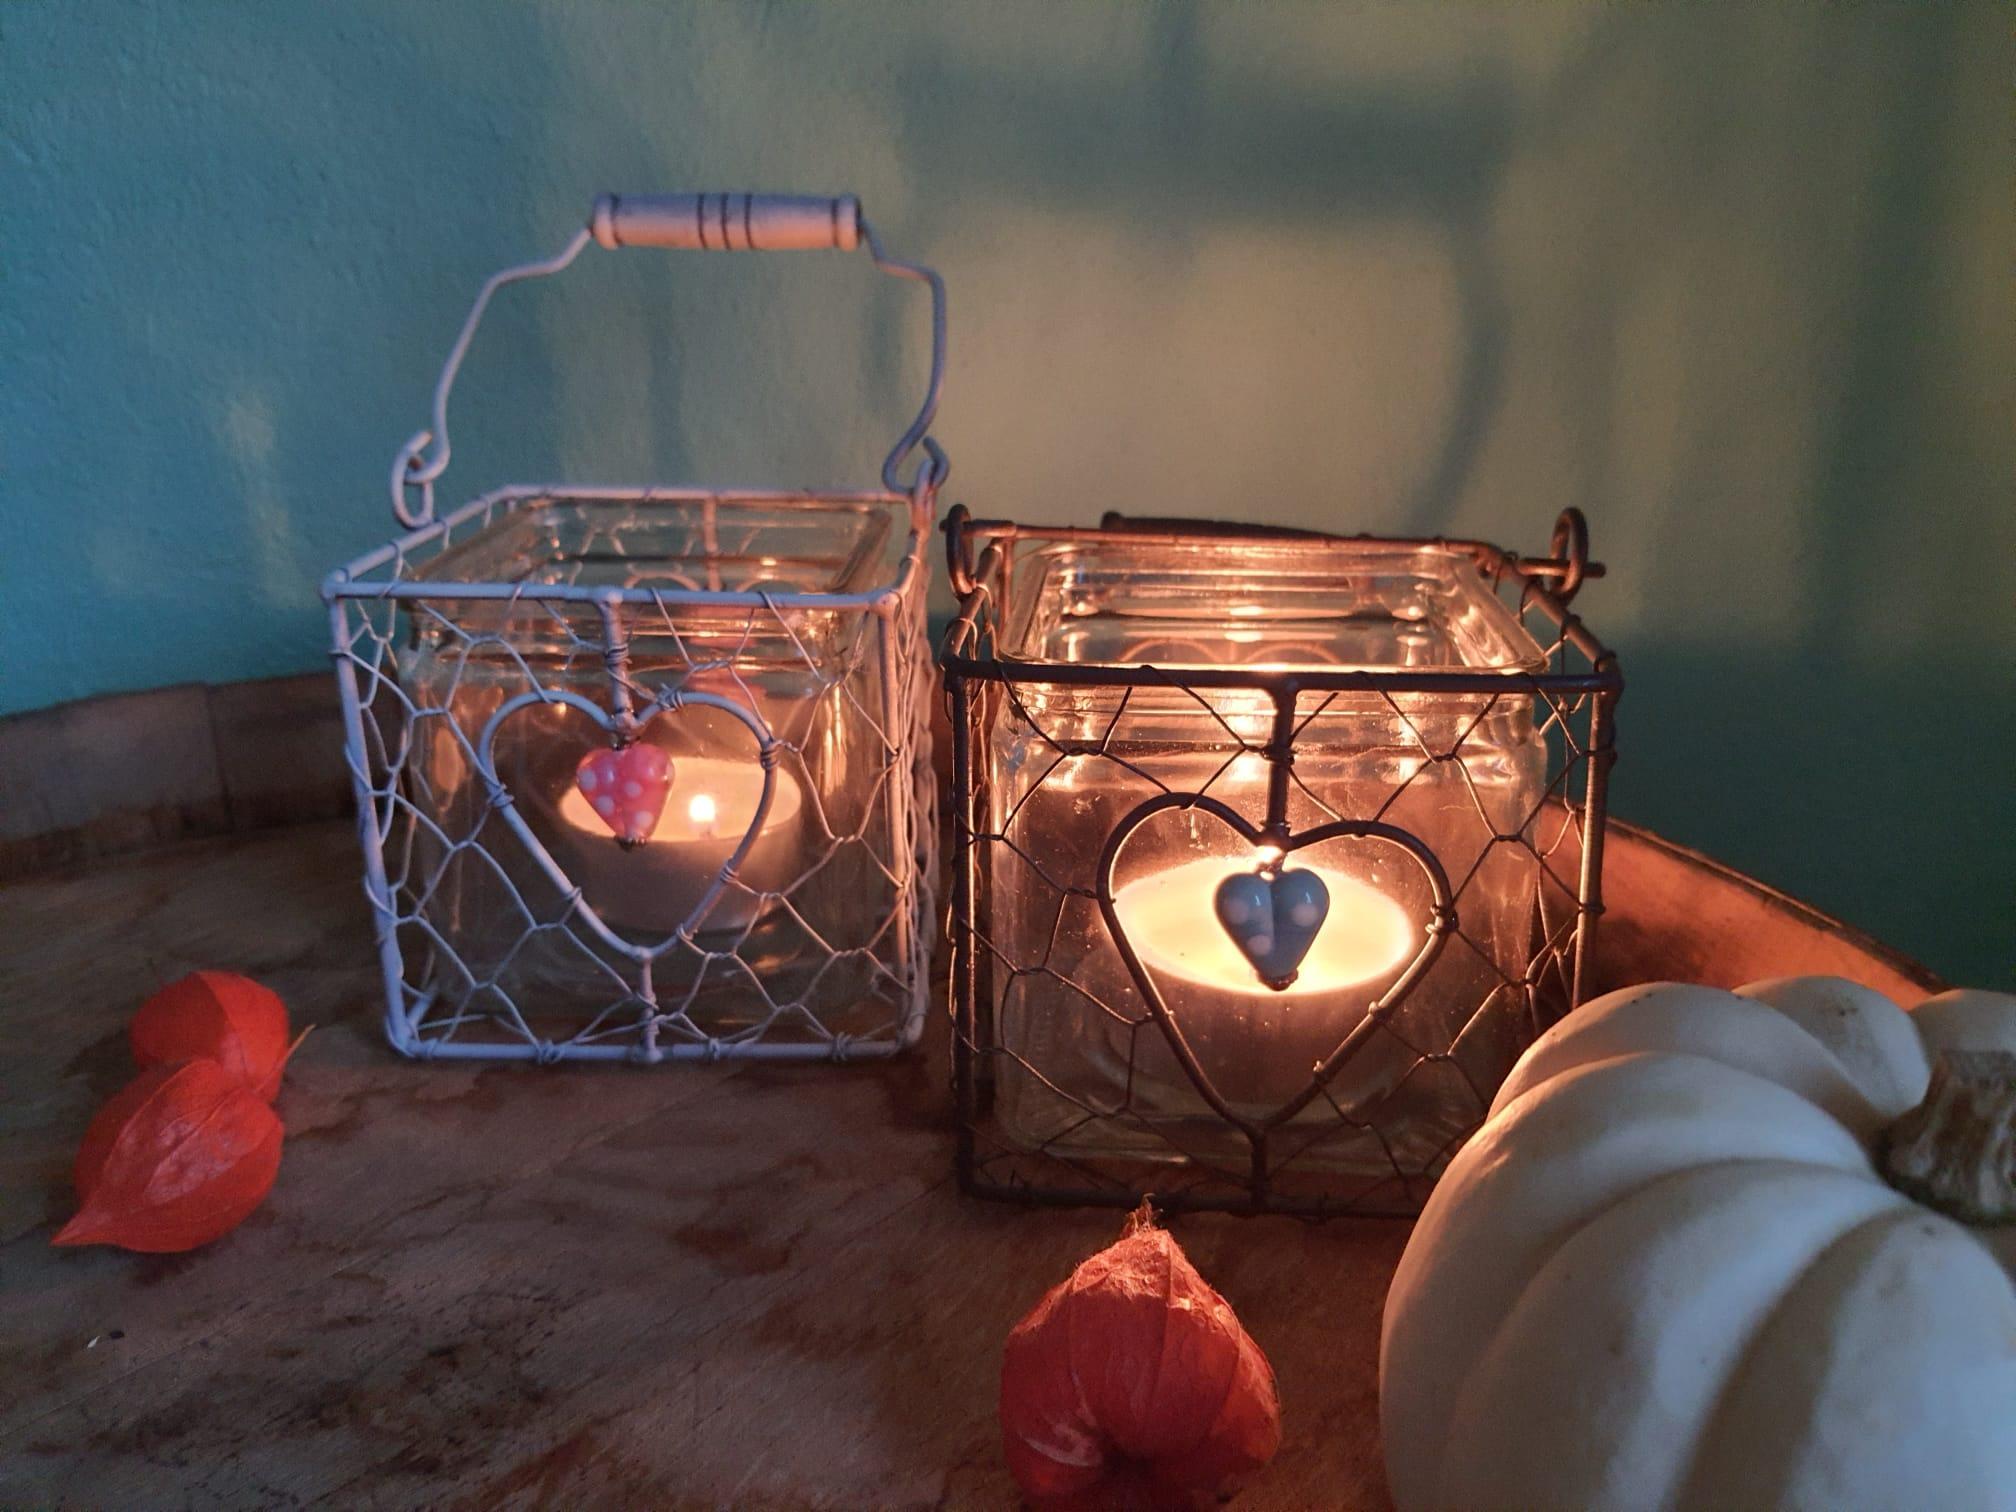 Windliechtli & Laternen mit 2 Glasperlen